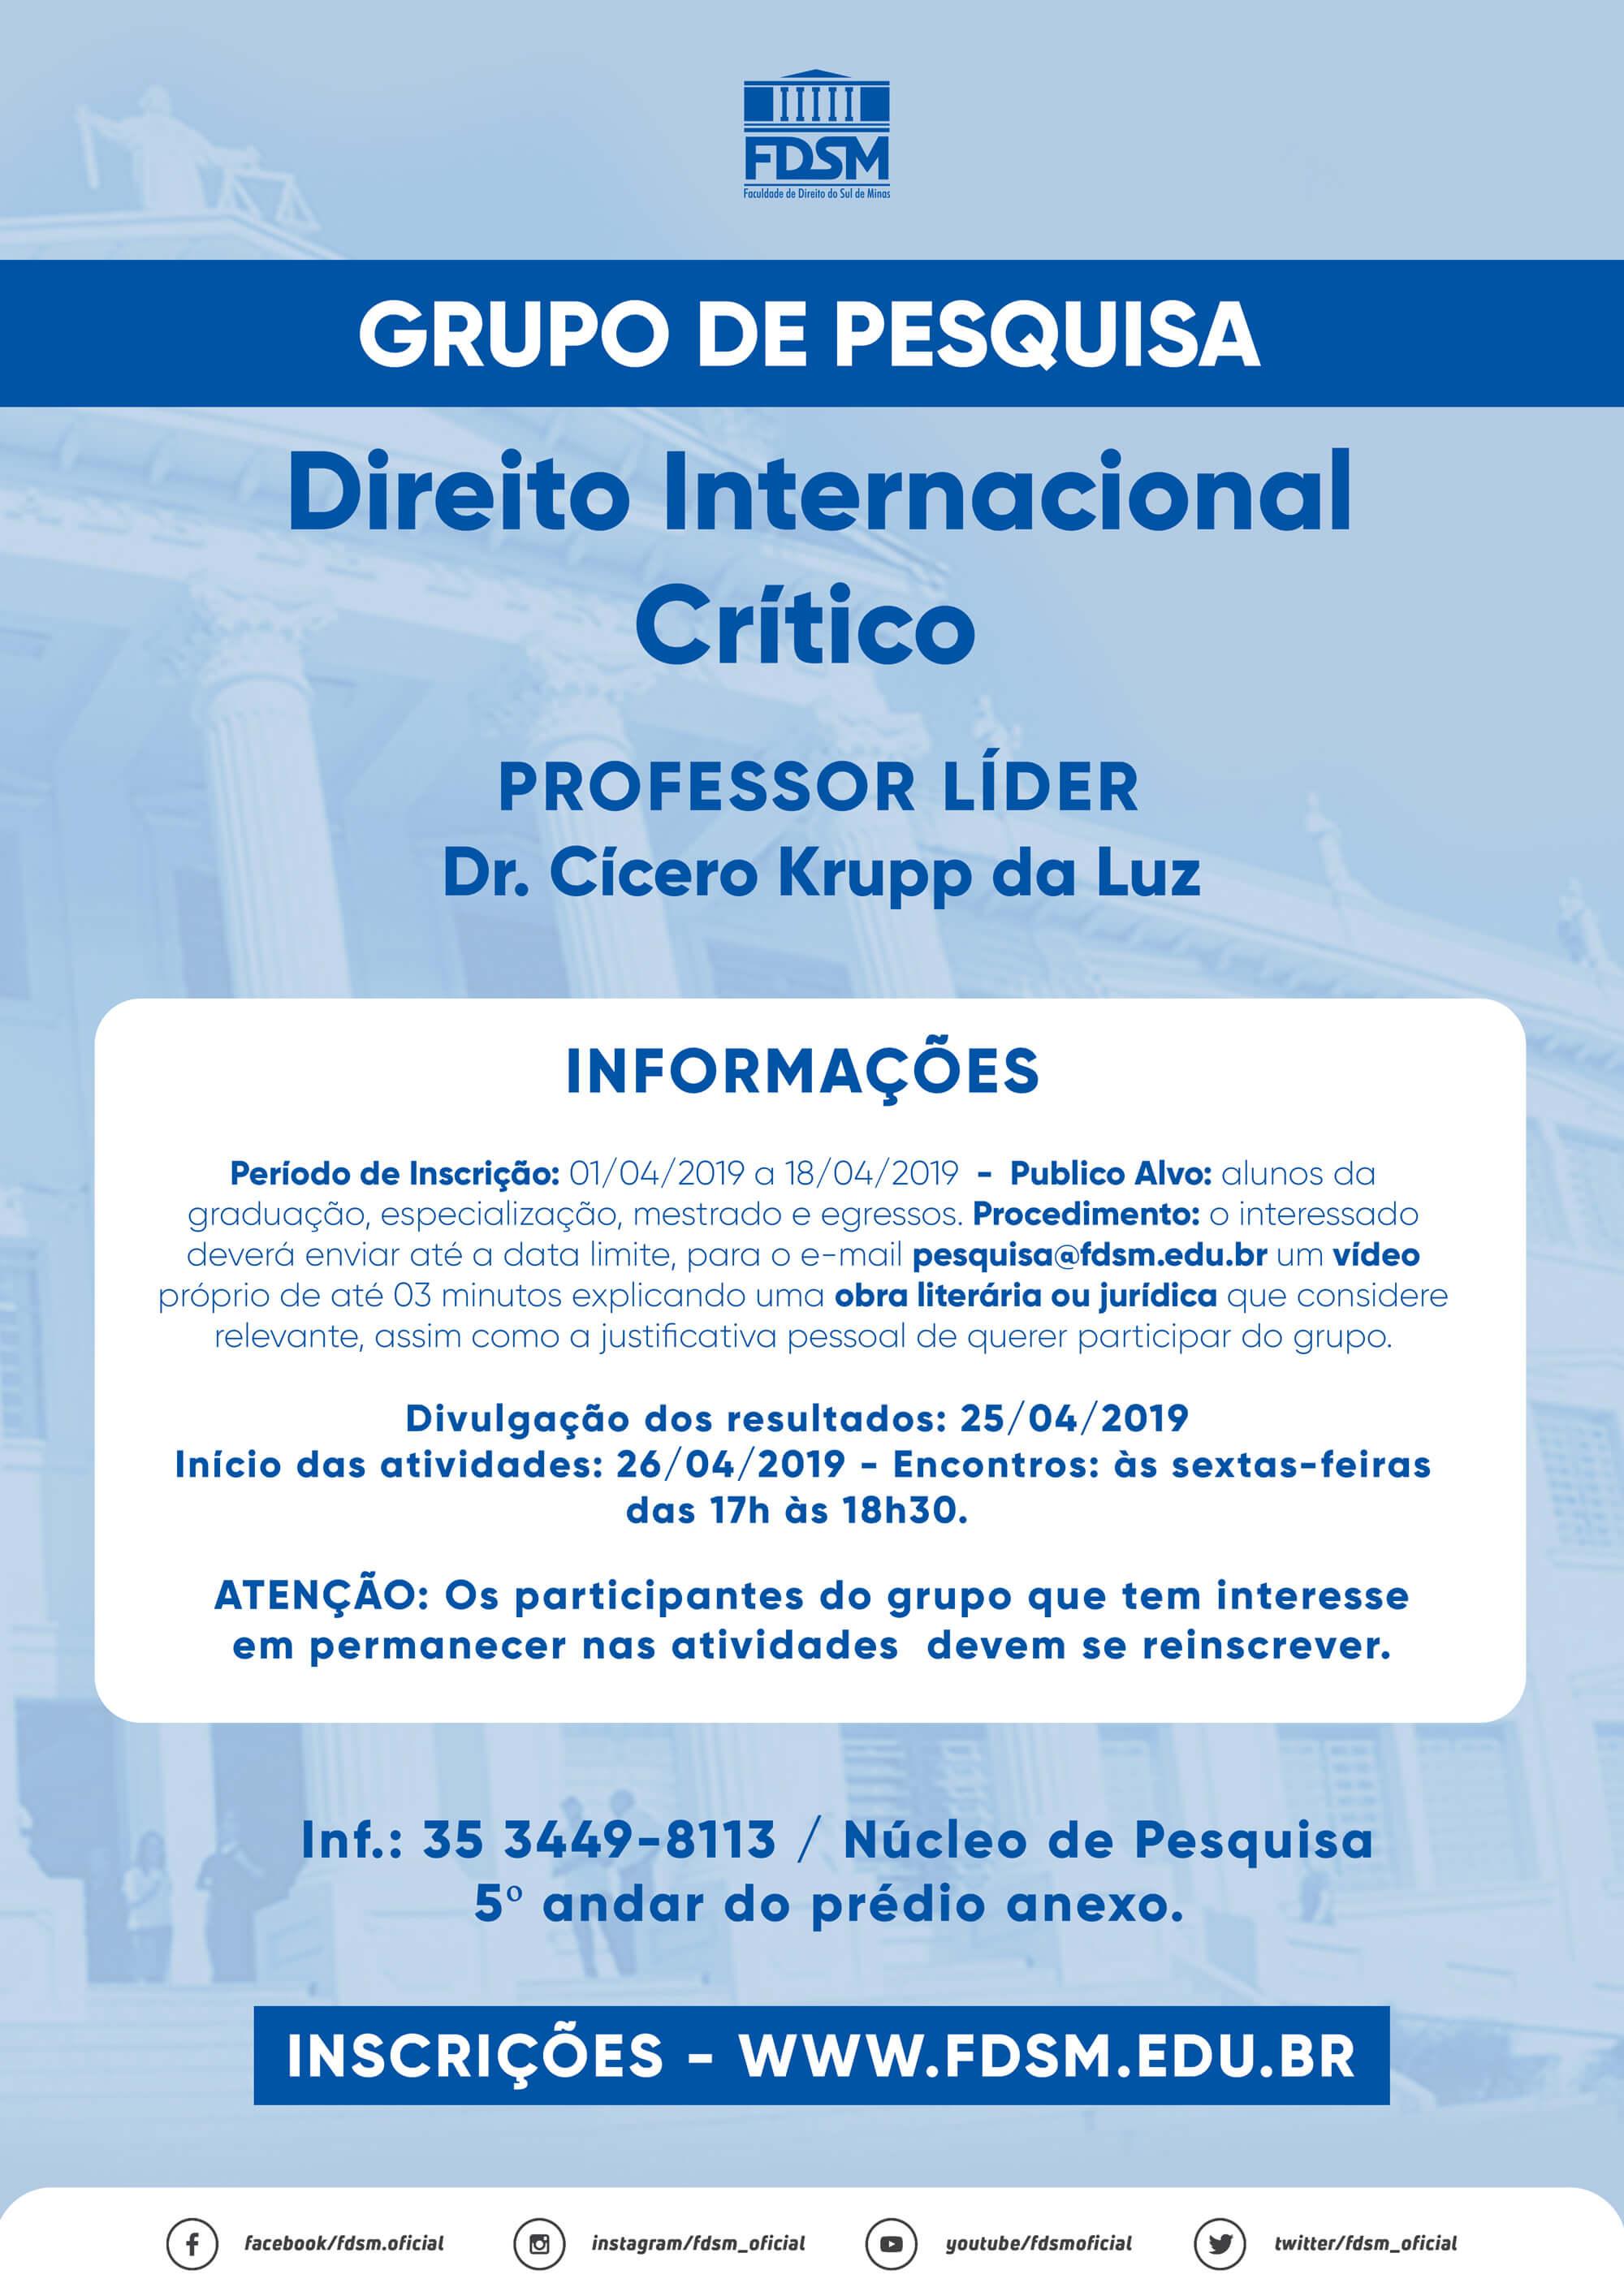 Cód 452: Grupo de Pesquisa: Direito Internacional Crítico